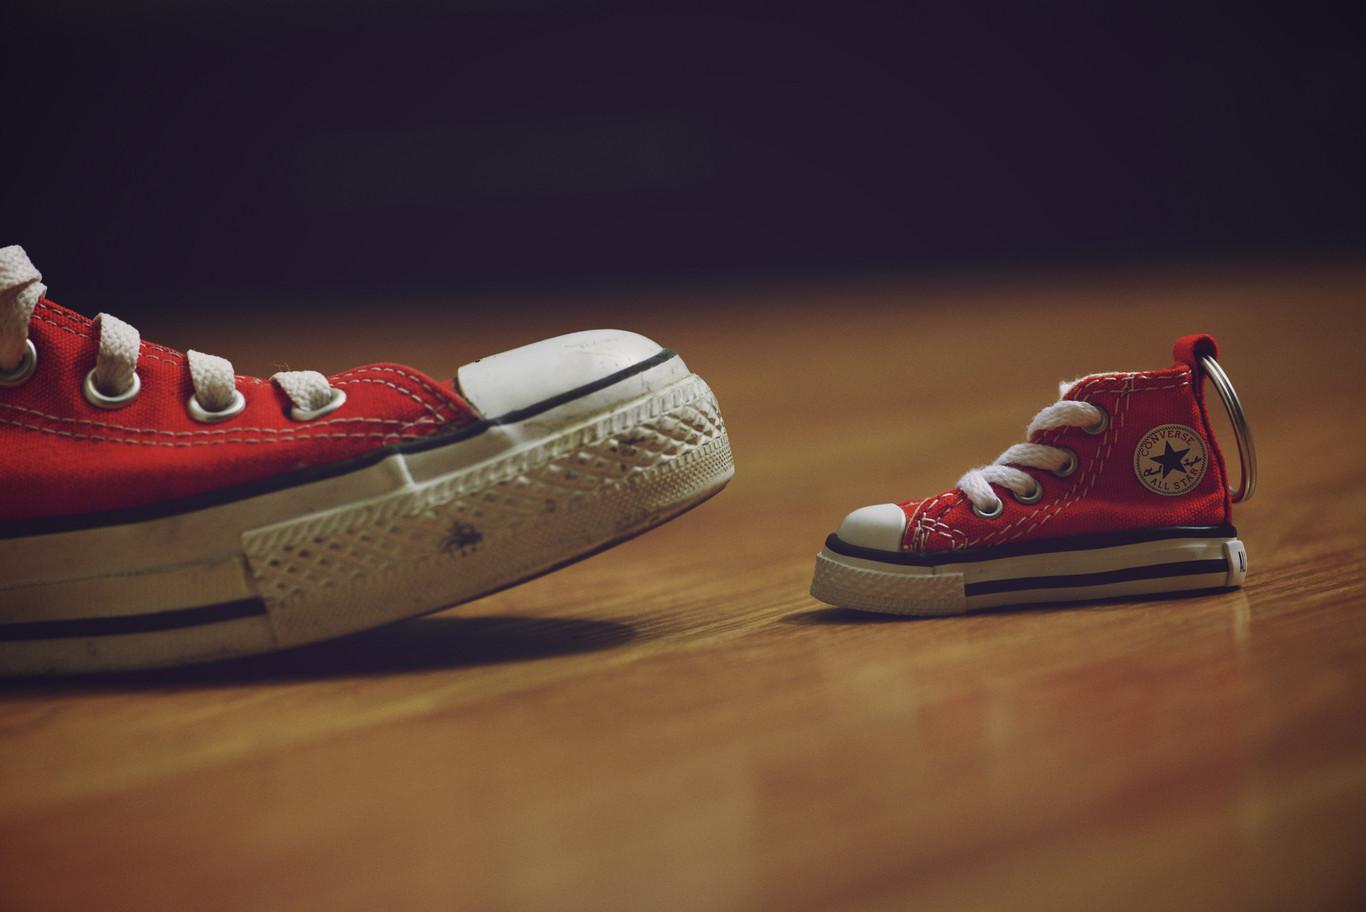 813fb9d36 Los que se quitan los zapatos al entrar a casa tienen razón  he aquí la  explicación científica